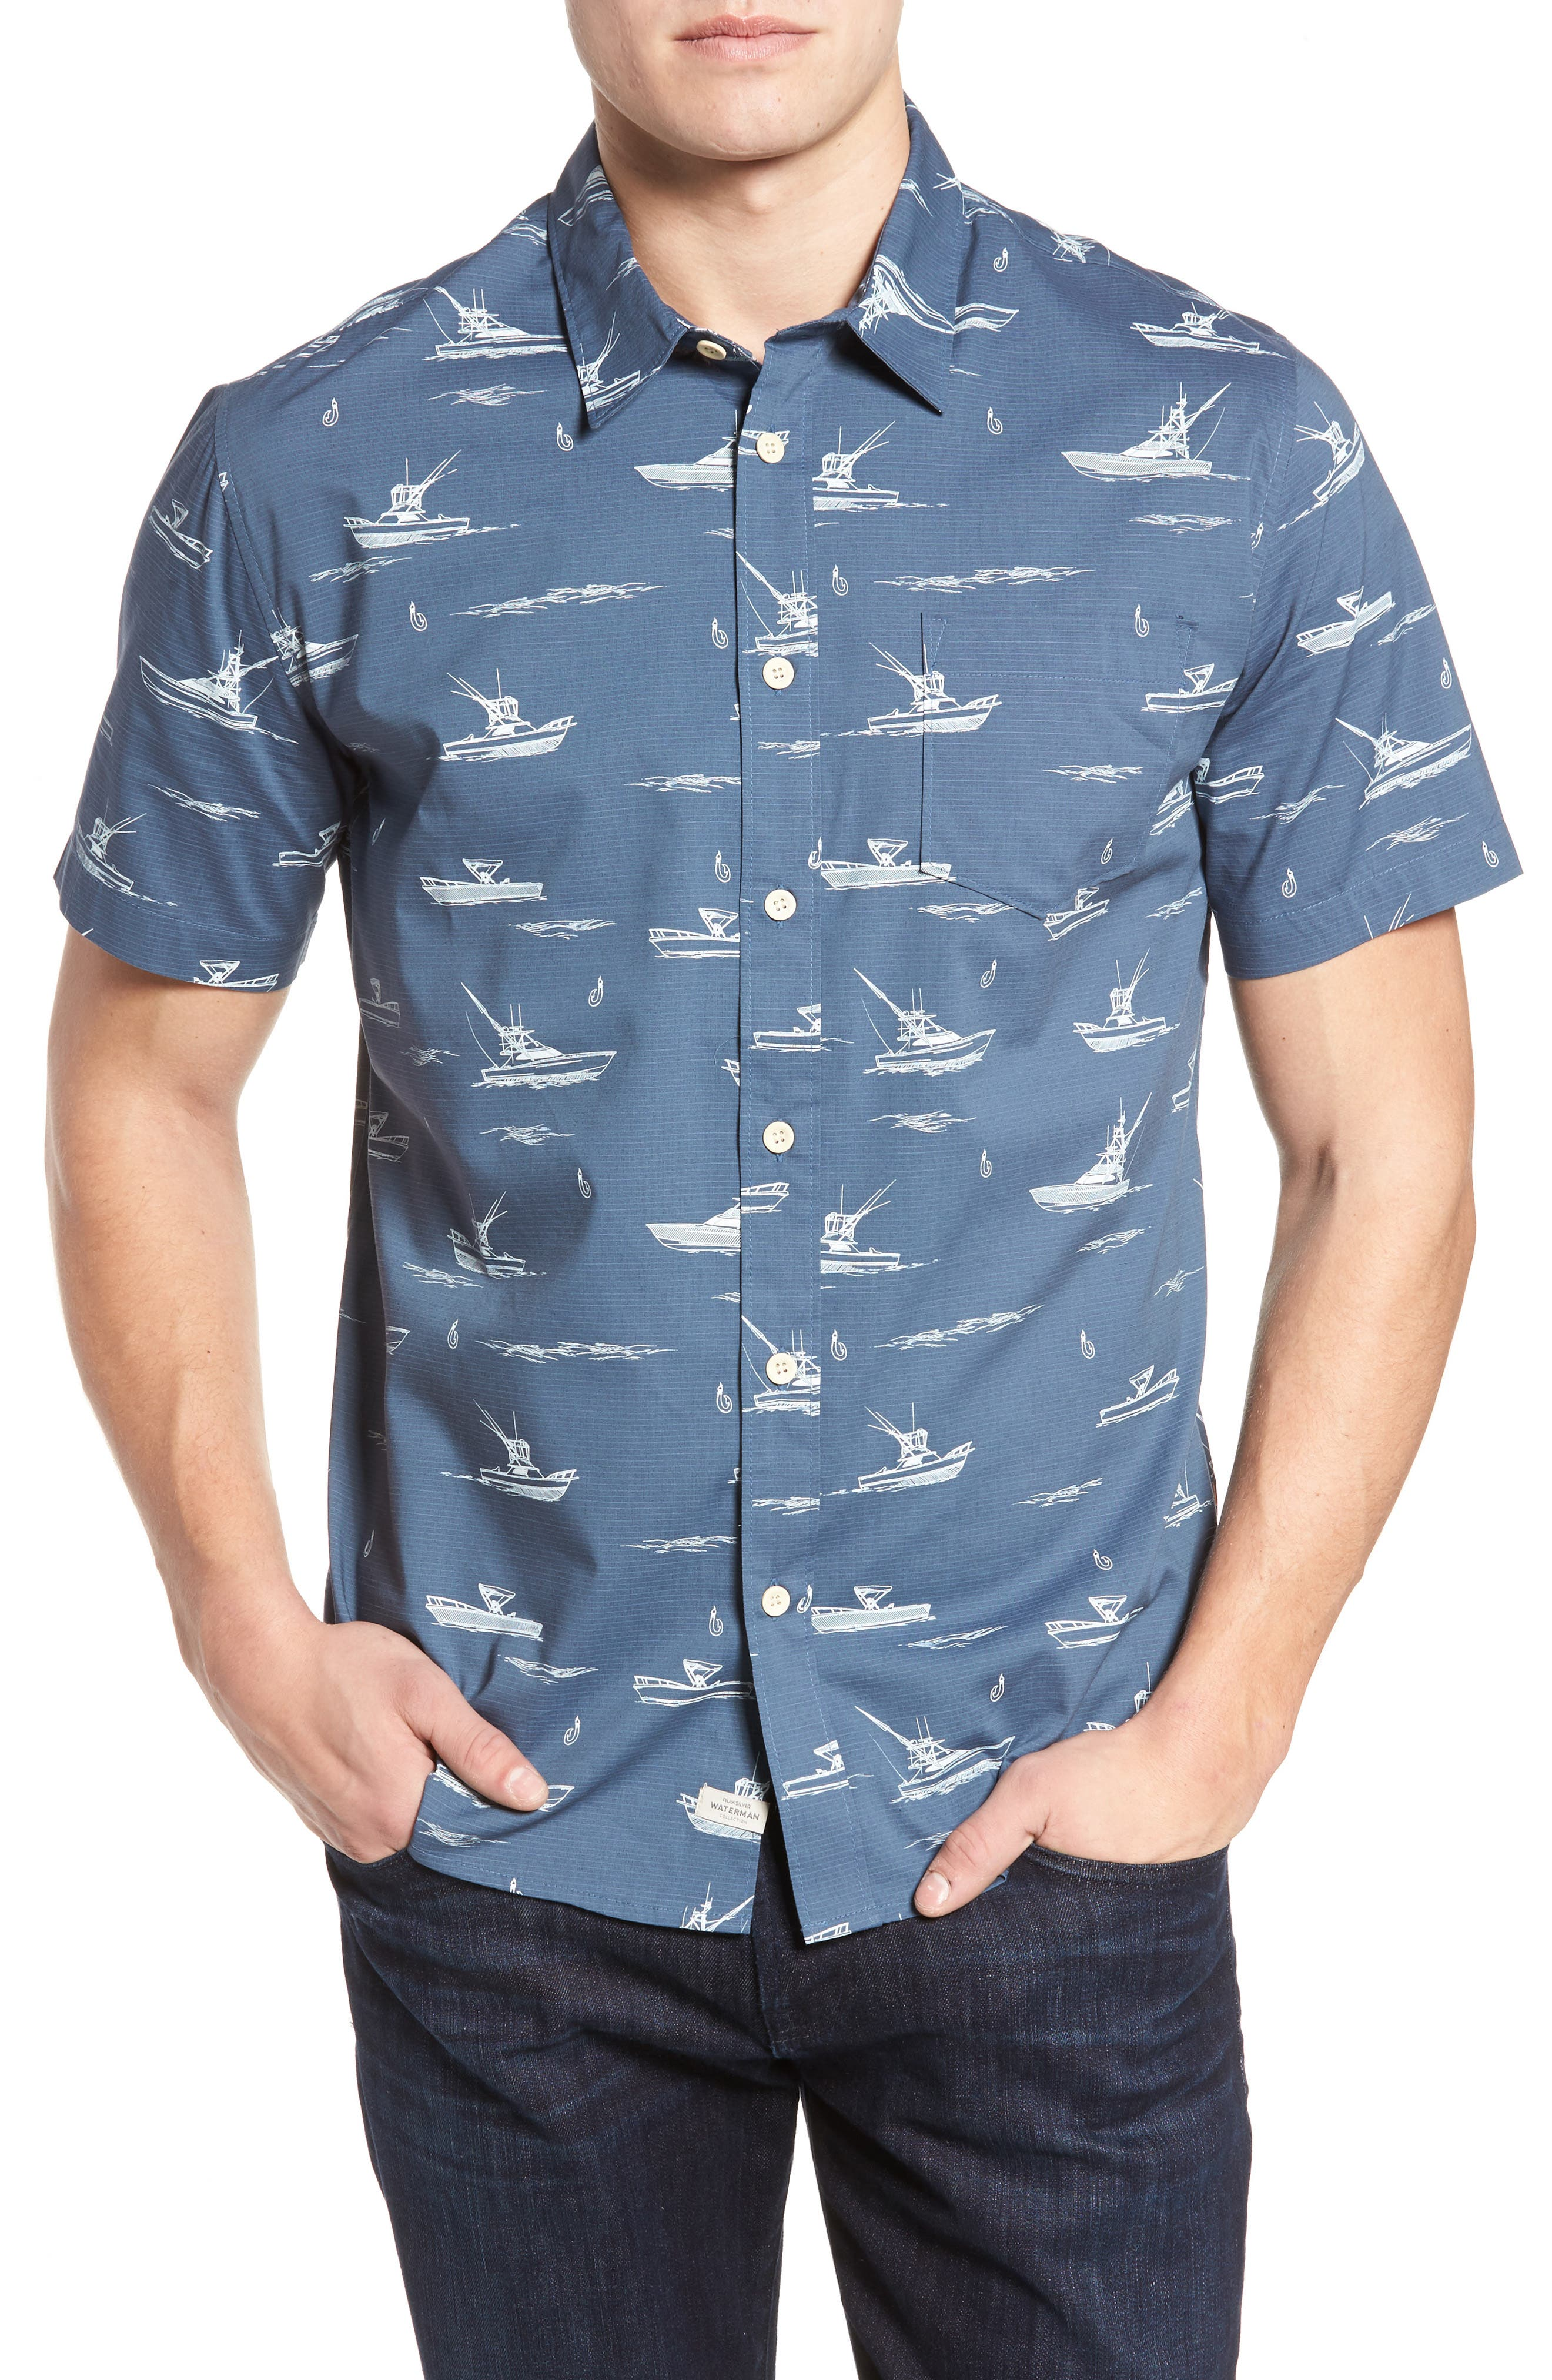 Fishboats Sport Shirt,                             Main thumbnail 2, color,